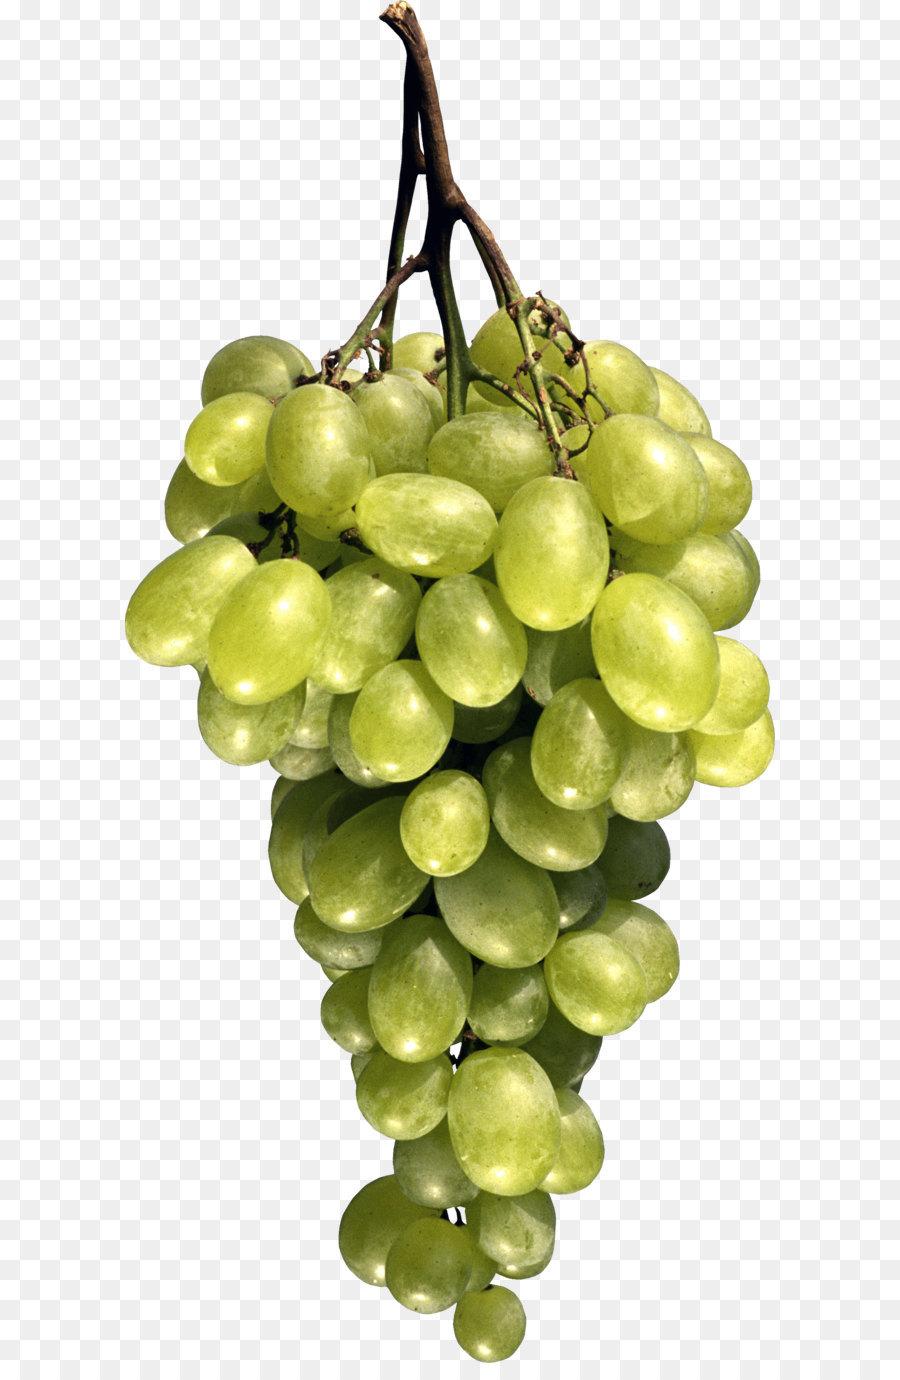 Descarga gratuita de Uva, La Fruta, Climaterio Imágen de Png